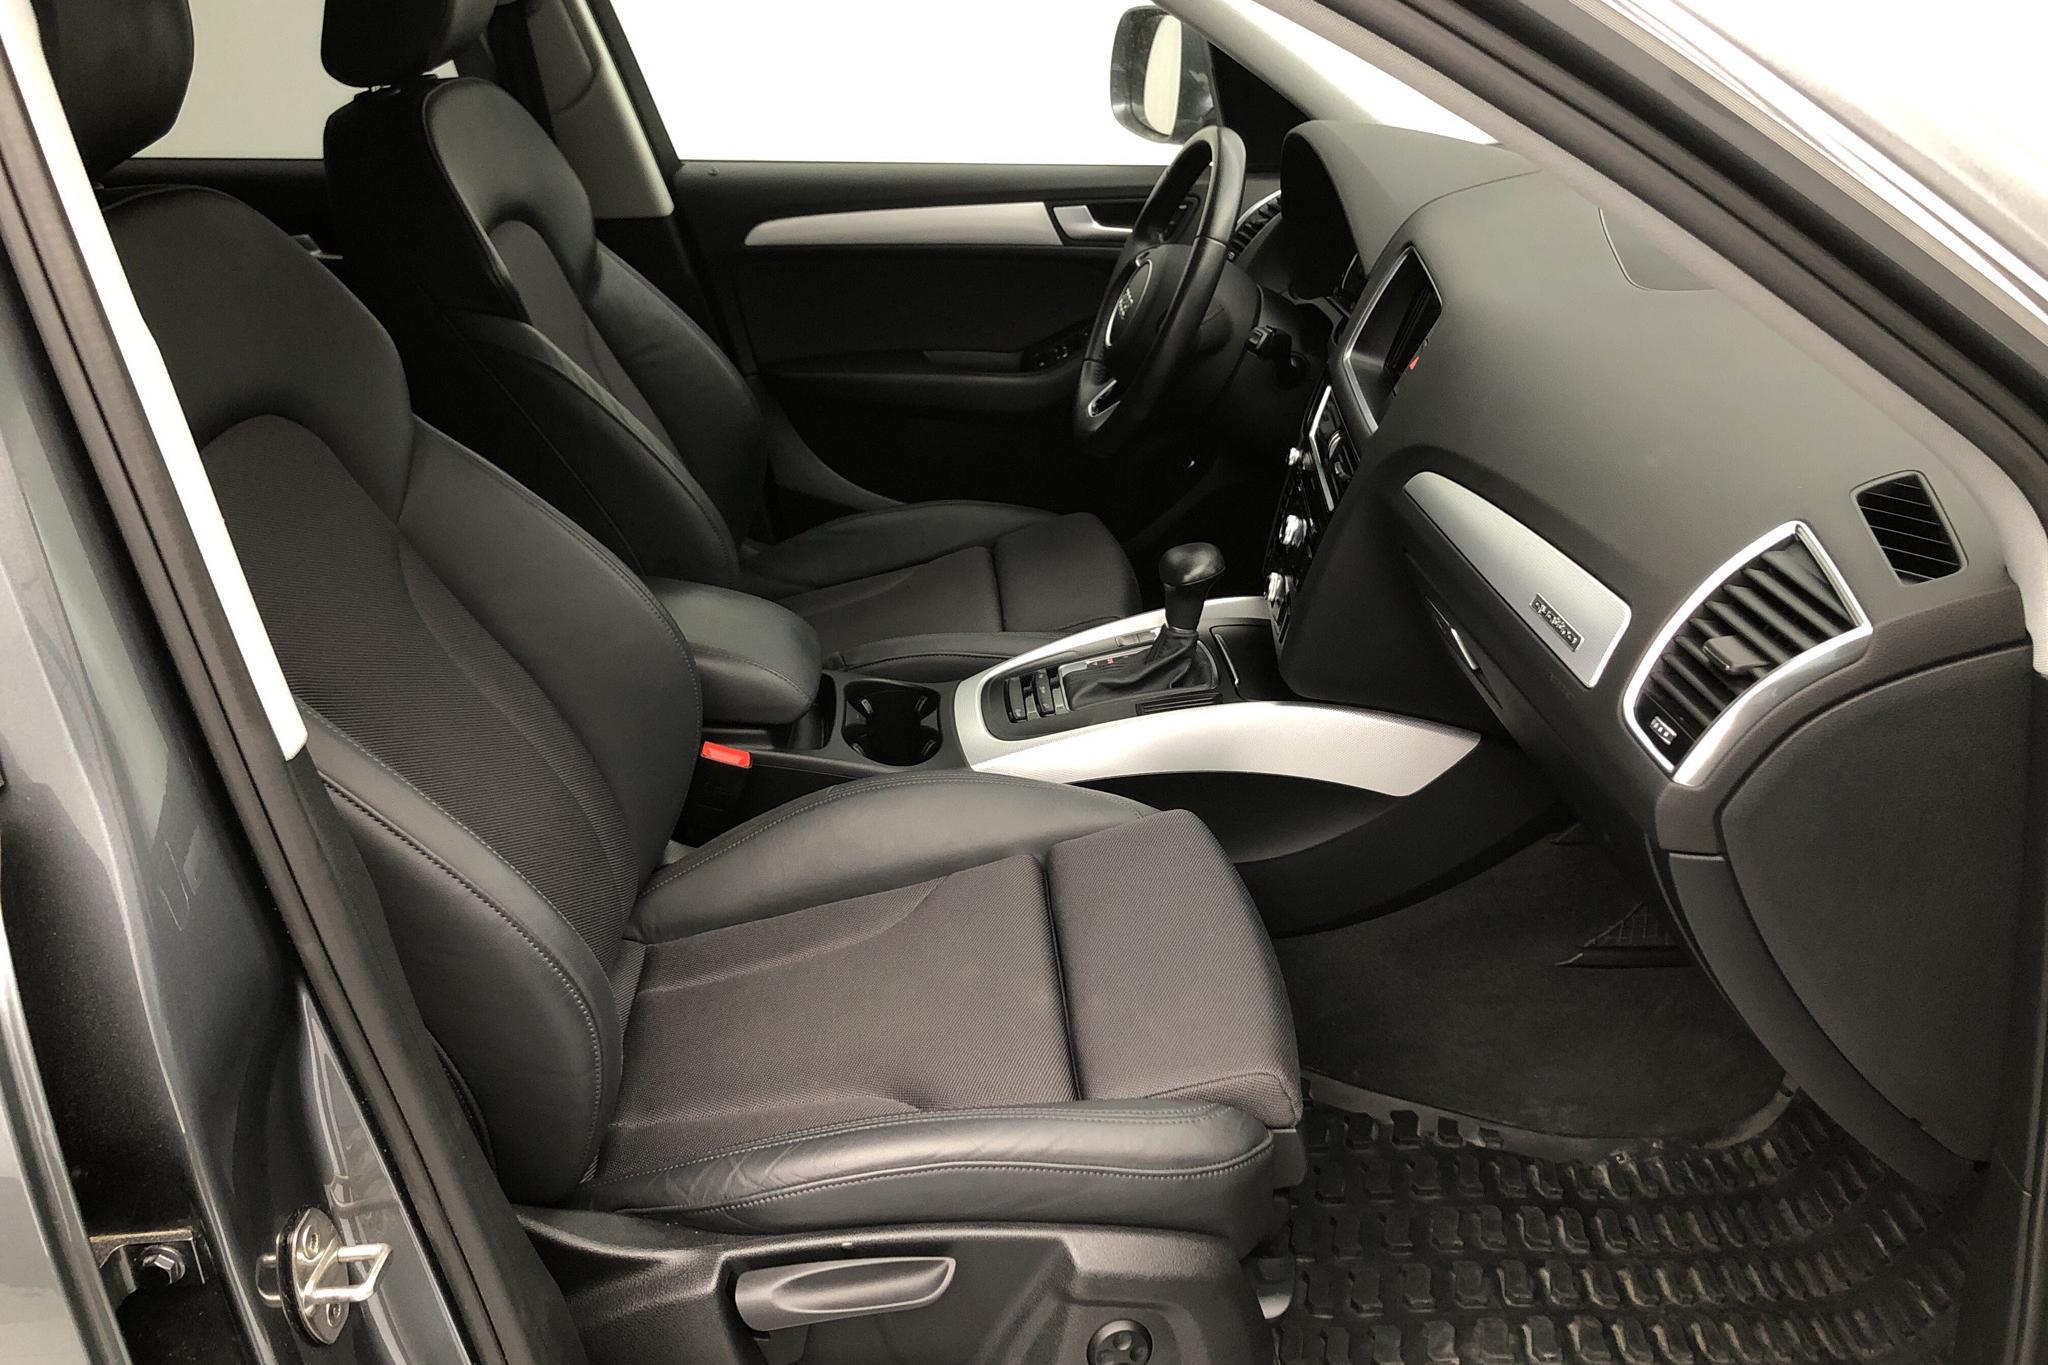 Audi Q5 2.0 TDI clean diesel quattro (190hk) - 66 320 km - Automatic - gray - 2015